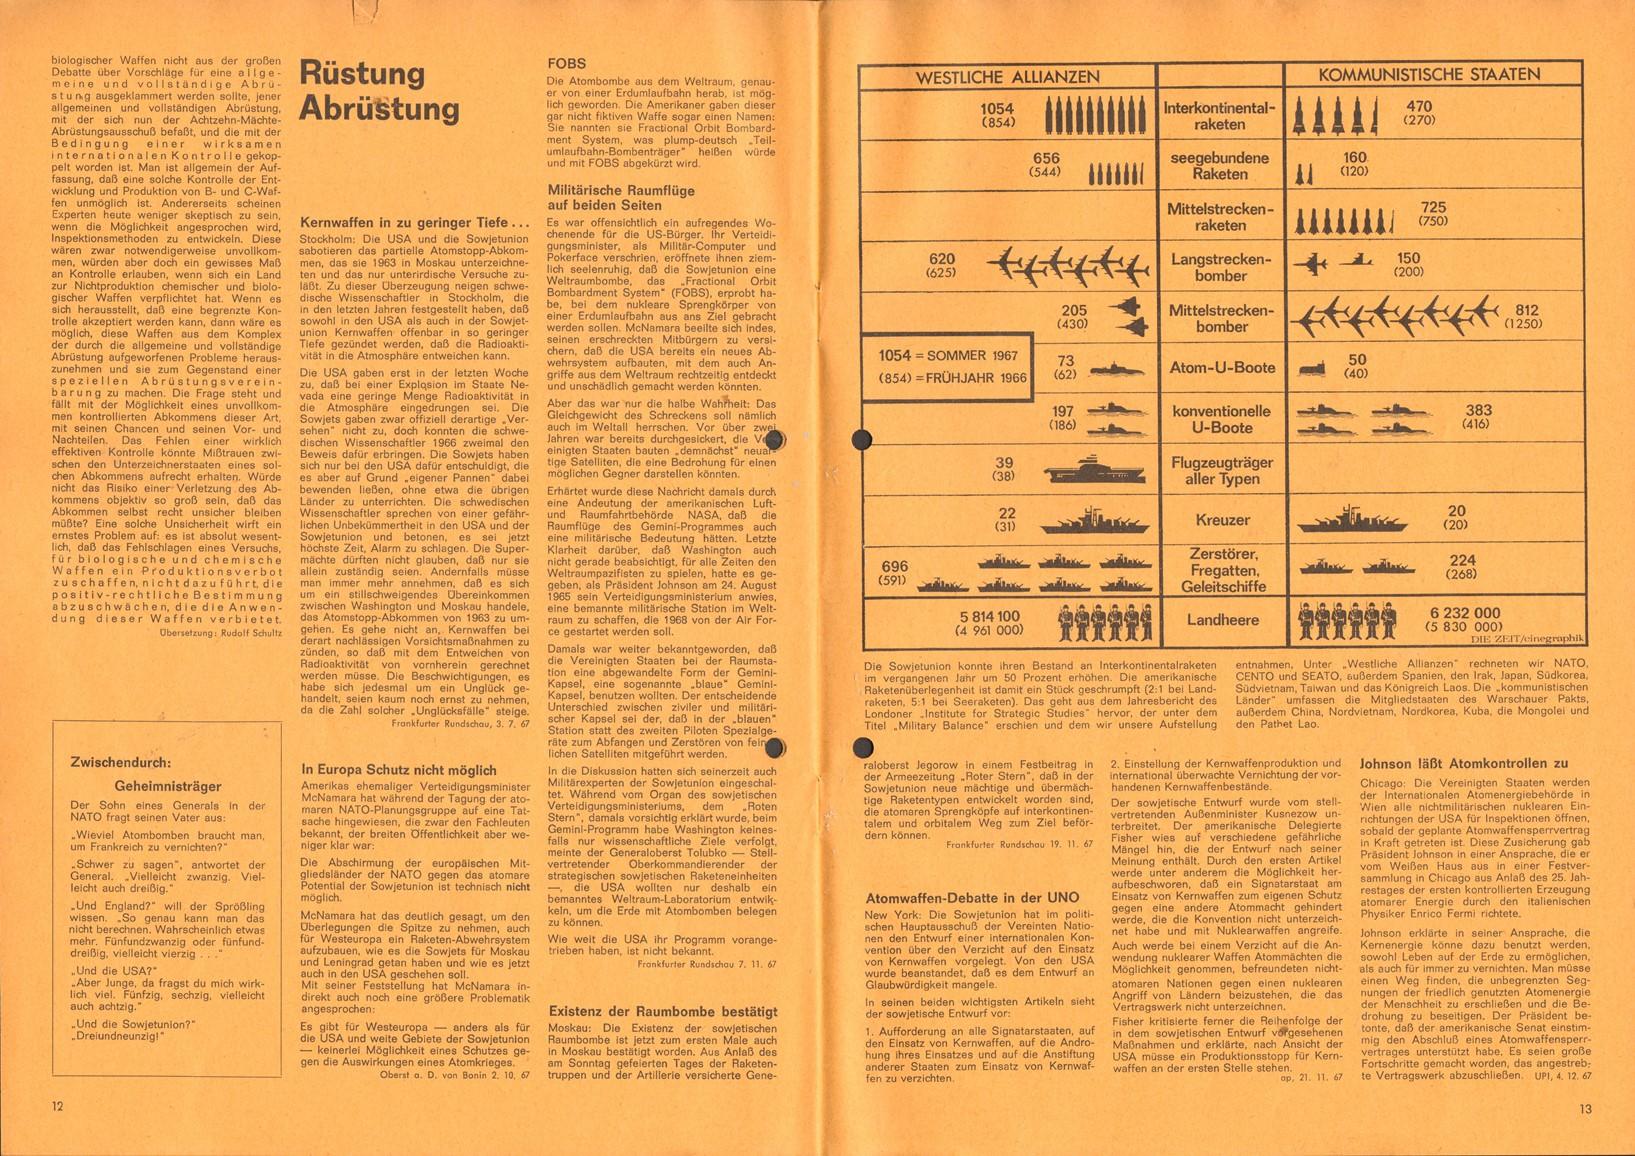 Informationen_zur_Abruestung_19671201_07